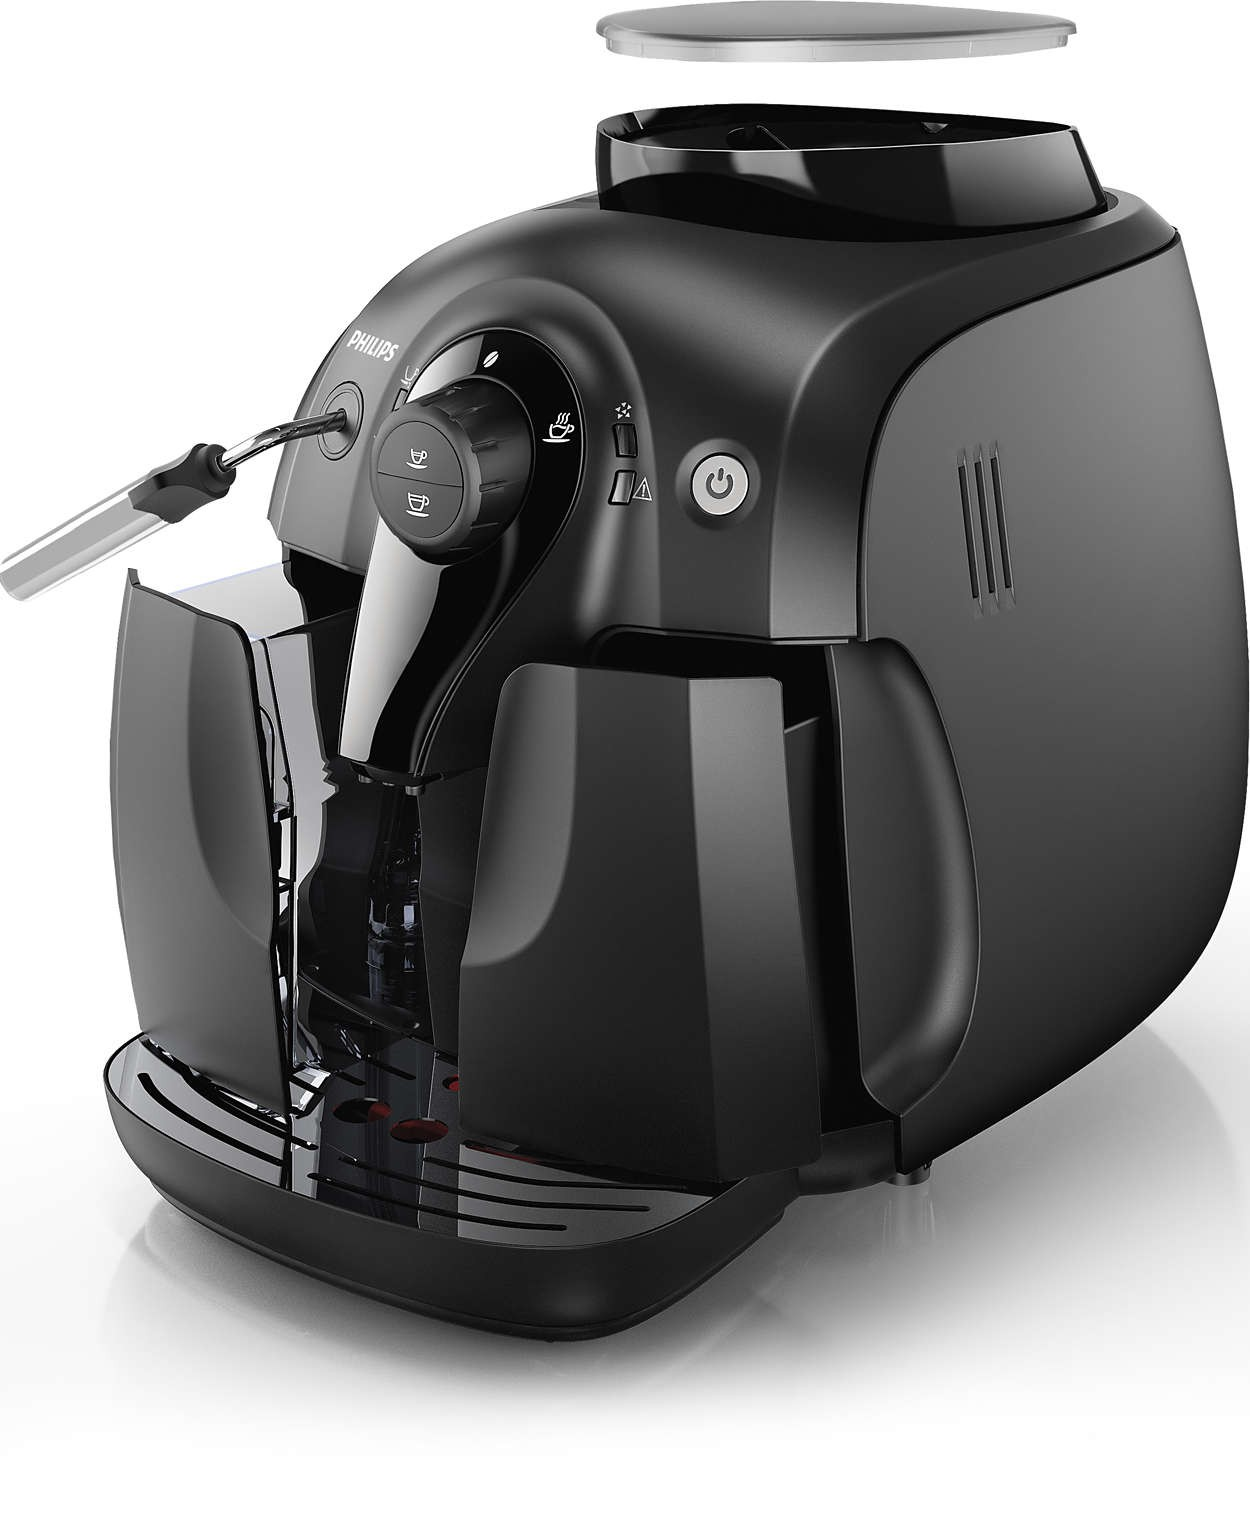 кофемашины филипс hd 8743 инструкция